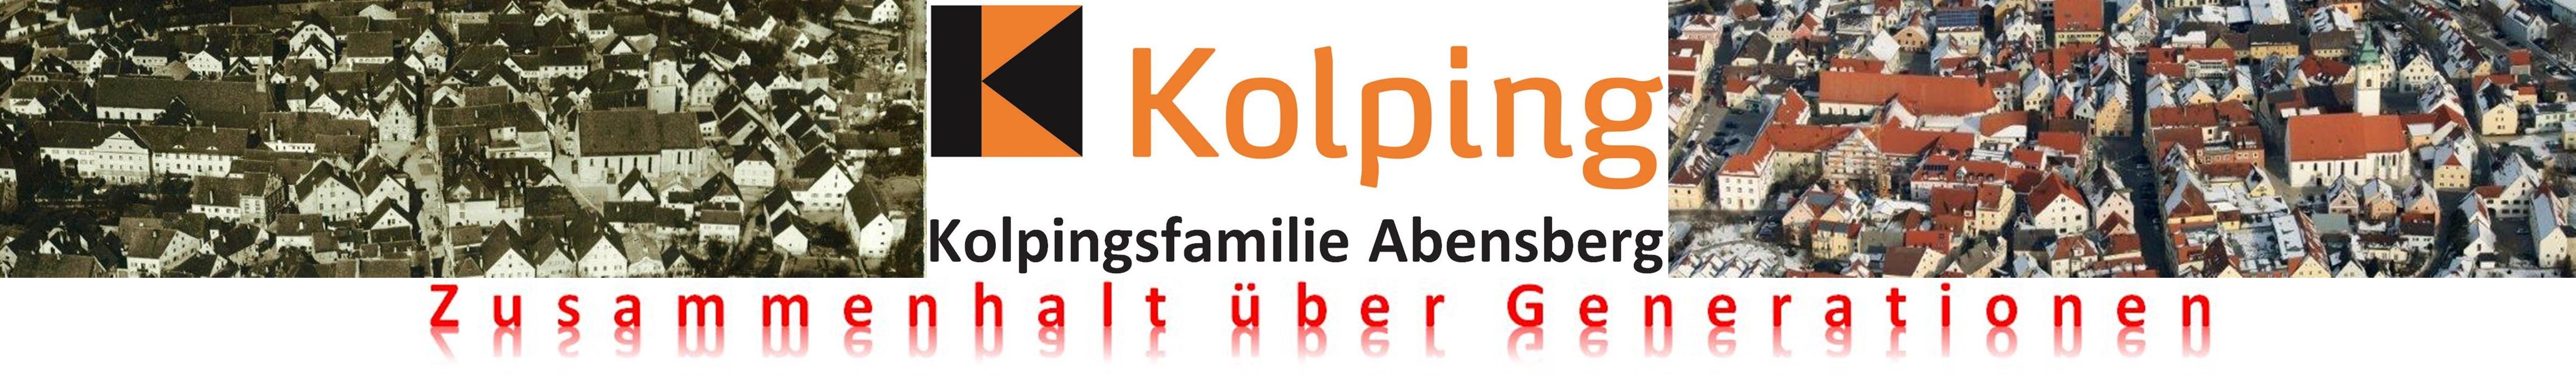 Kolping Abensberg